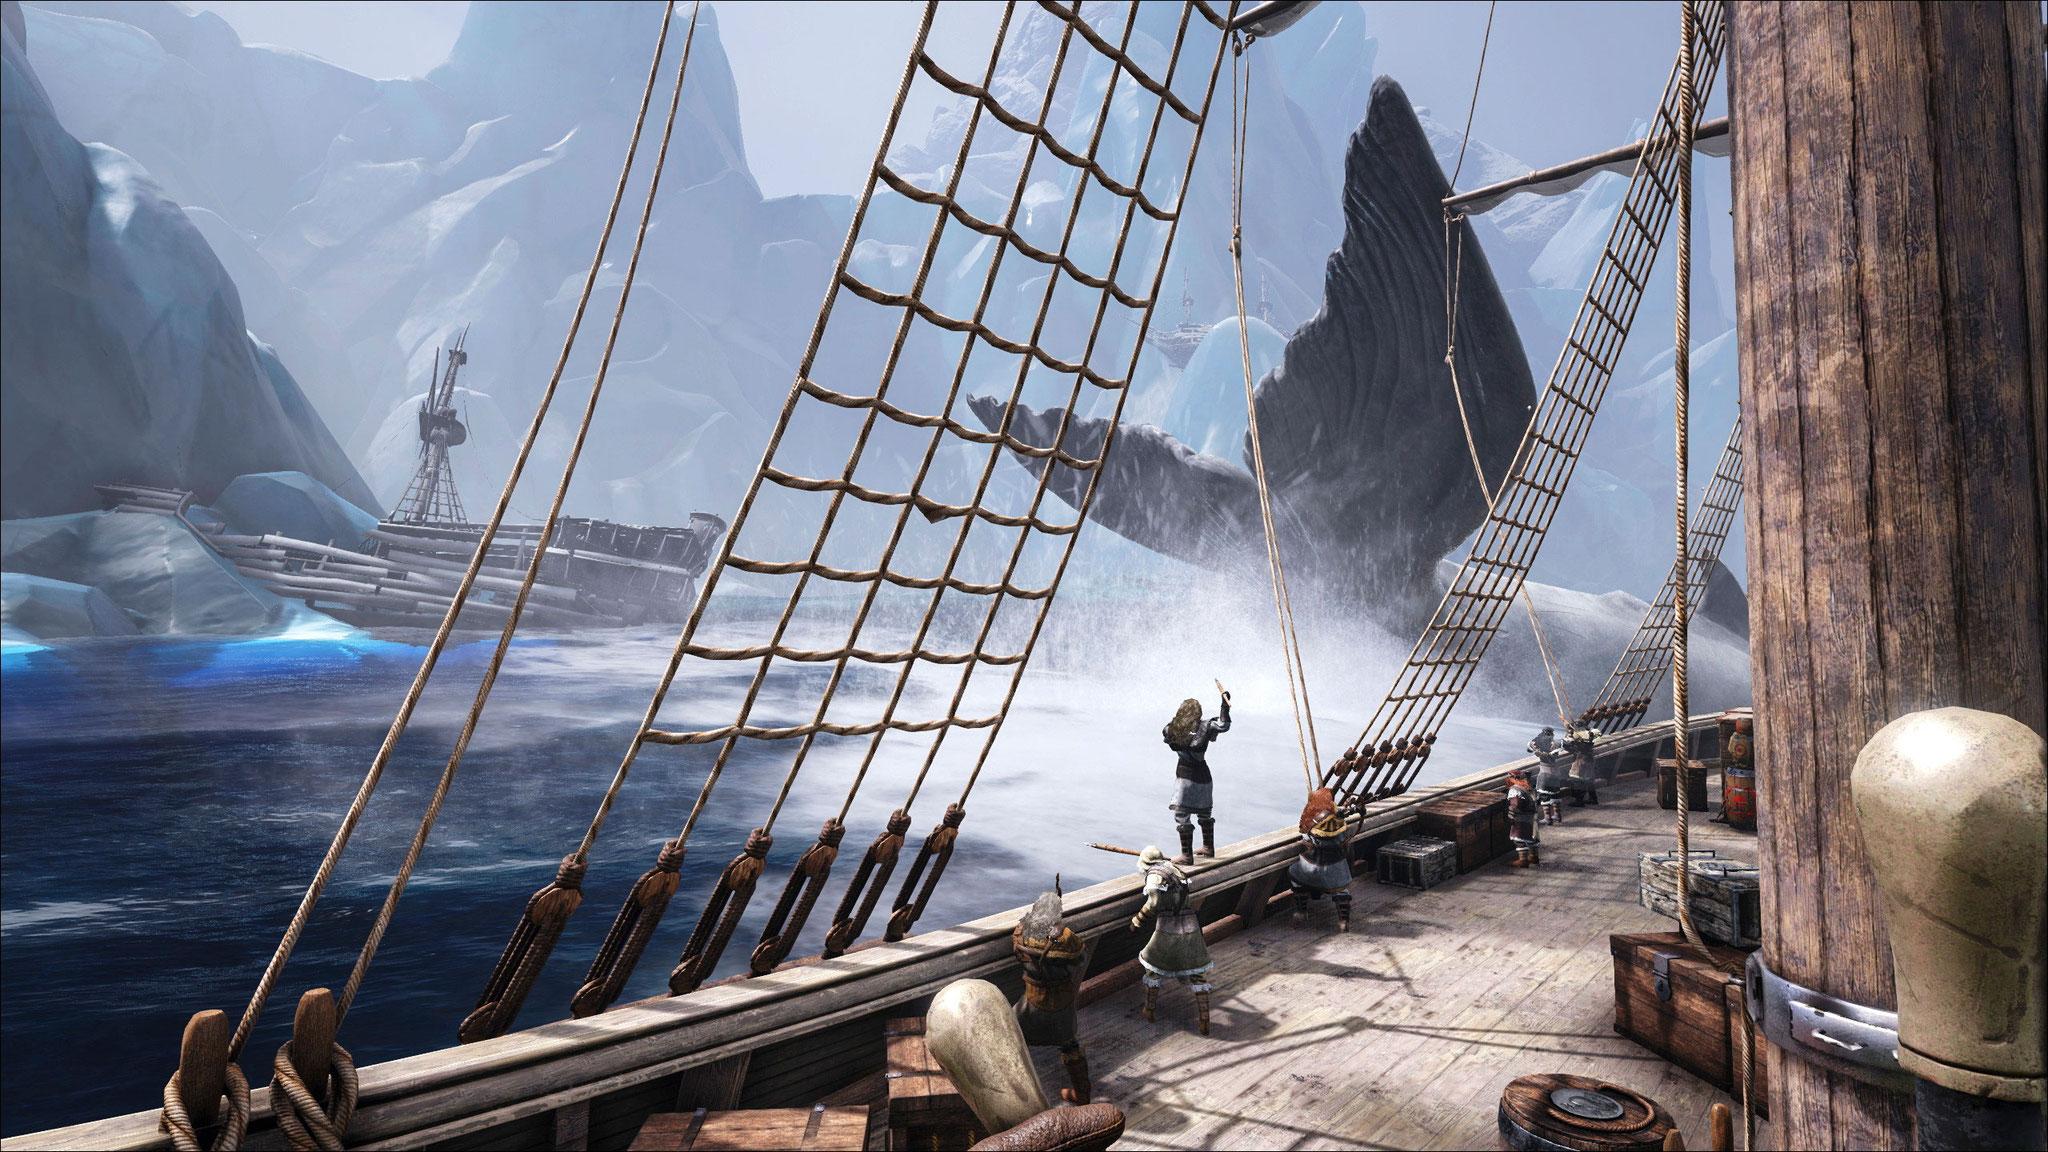 """Anders als in """"Sea of Thieves"""" bietet """"Atlas"""" für bis zu 40.000 Spieler gleichzeitig eine ganze Welt zum Erkunden. Leider führen Größe und Offenheit des Spiels gerade zu erheblichen Schwierigkeiten."""